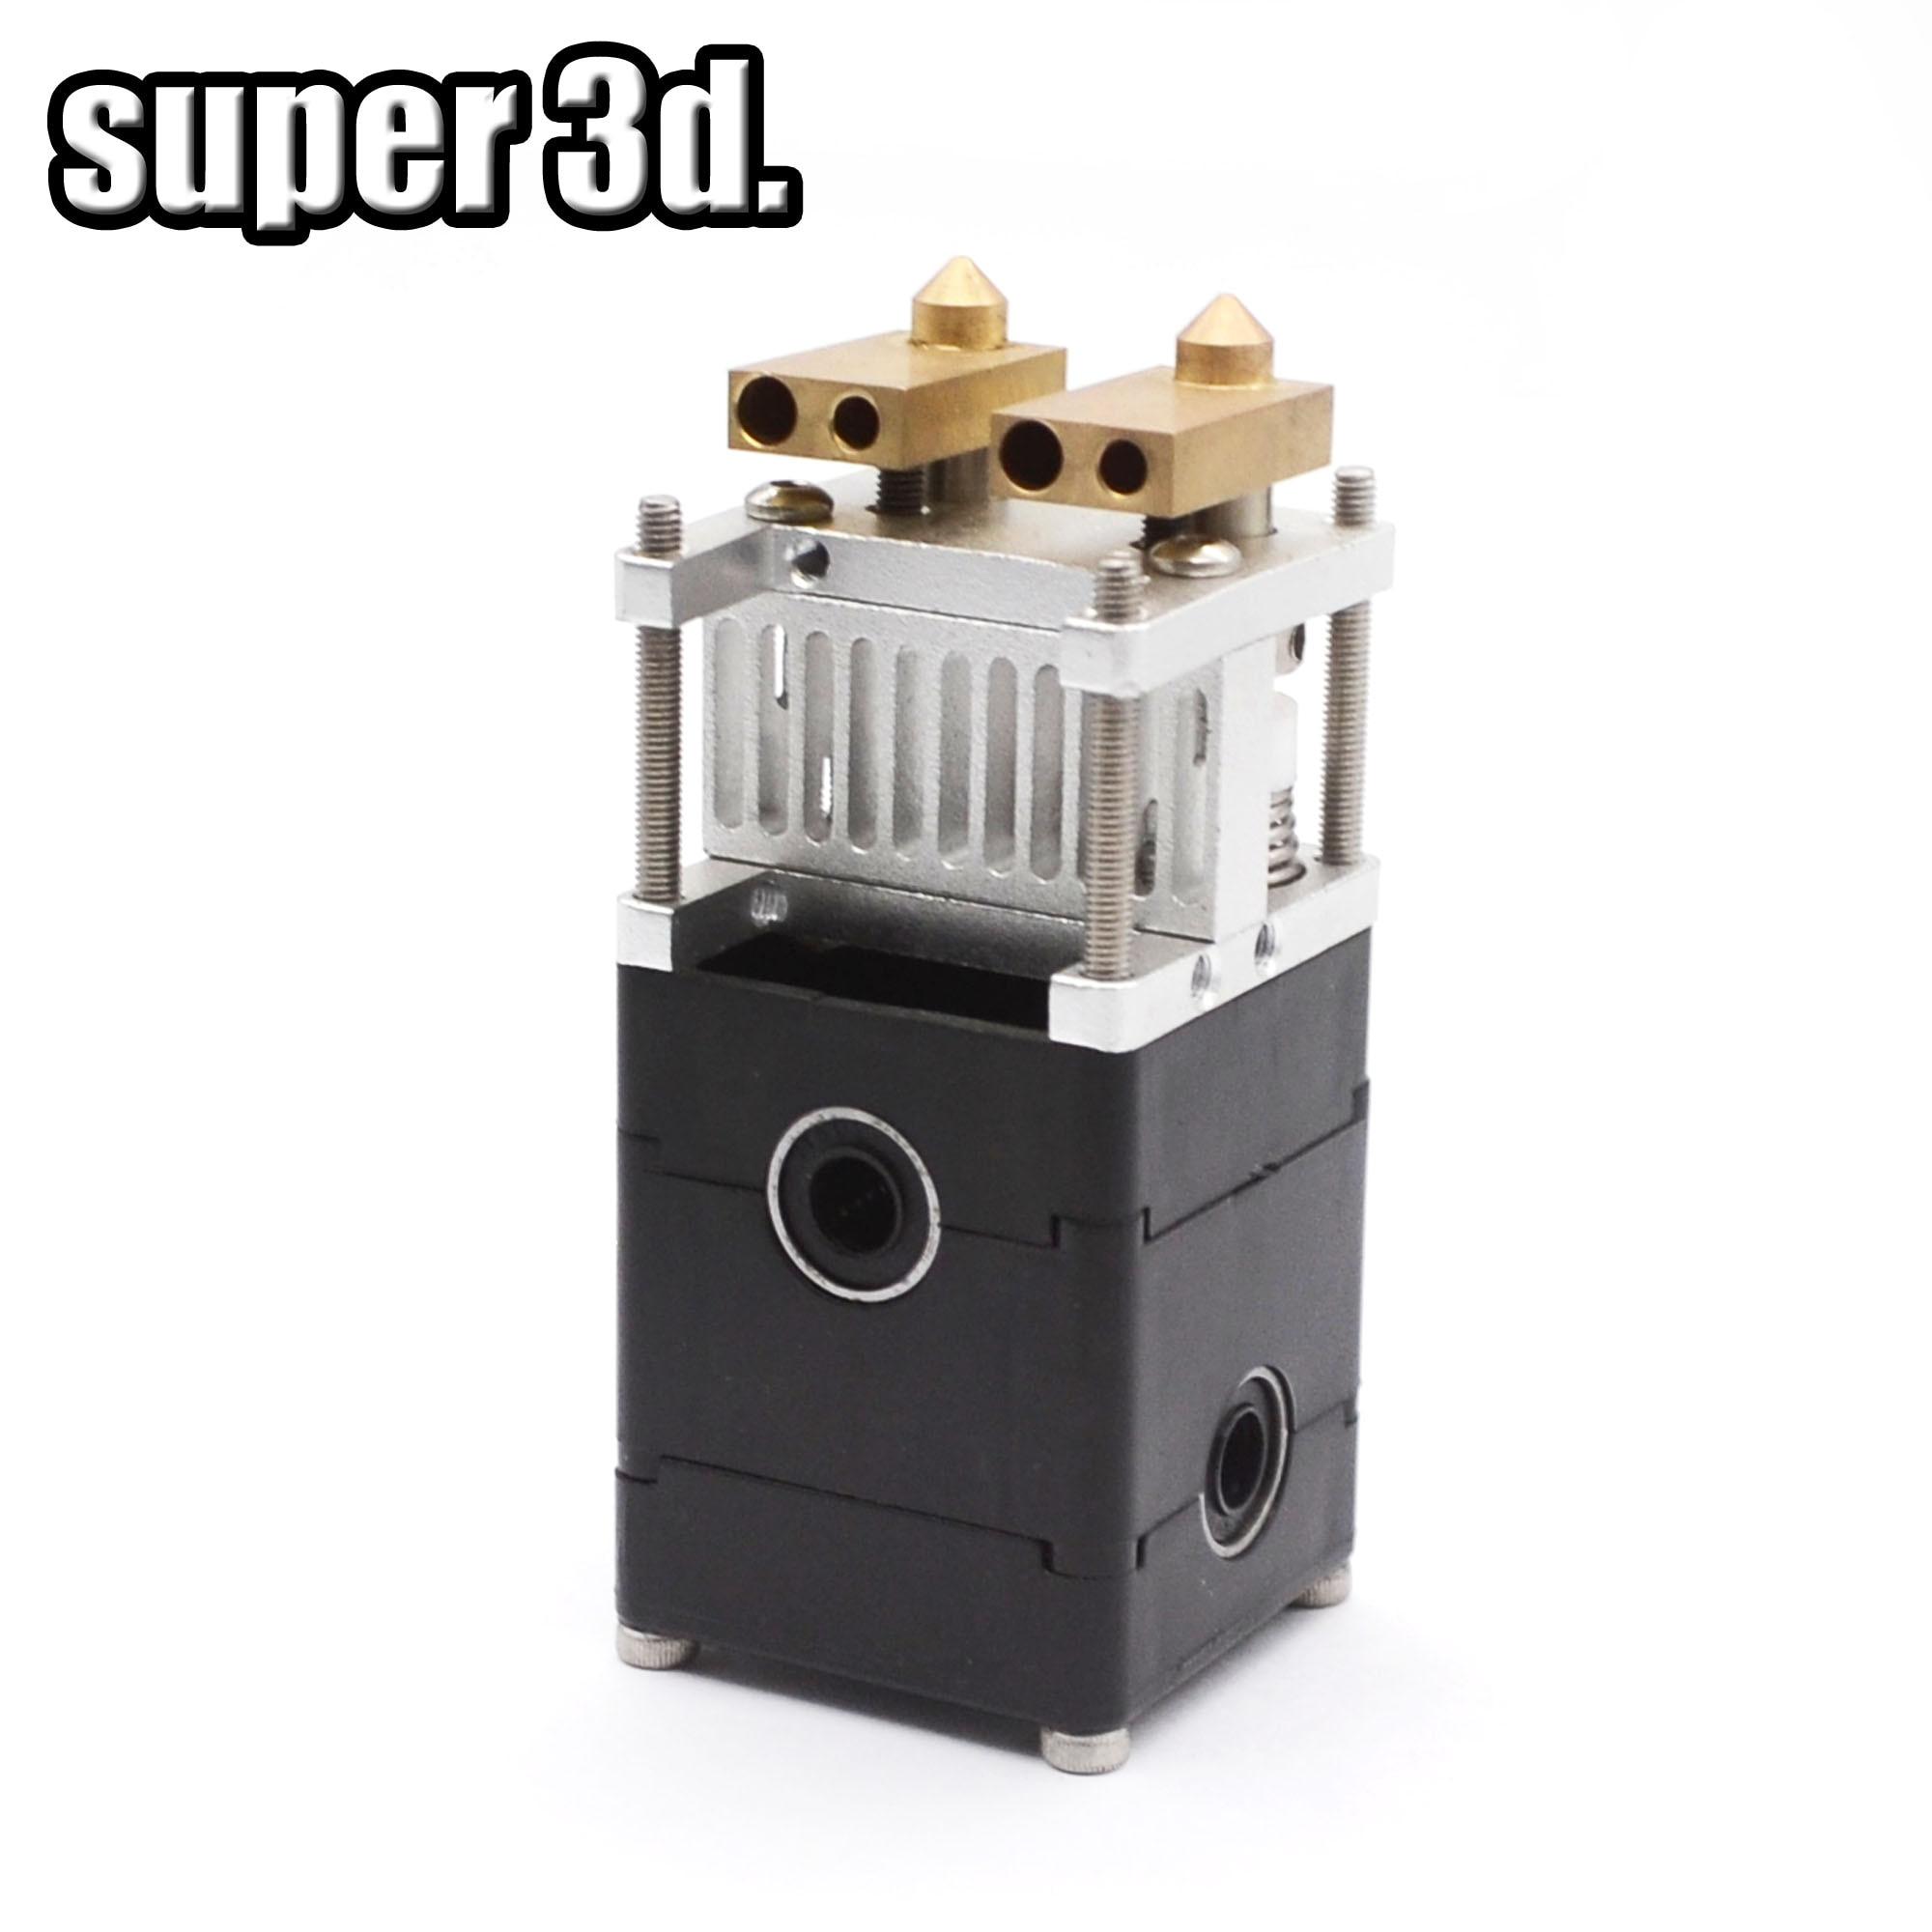 Kit de Impressora Dupla Extrusão Ultimaker 2 3D UM2 2 Cabeças Dupla Extrusora para 3mm/1.75 milímetros Ultimaker 2 bocal de 0.4 milímetros